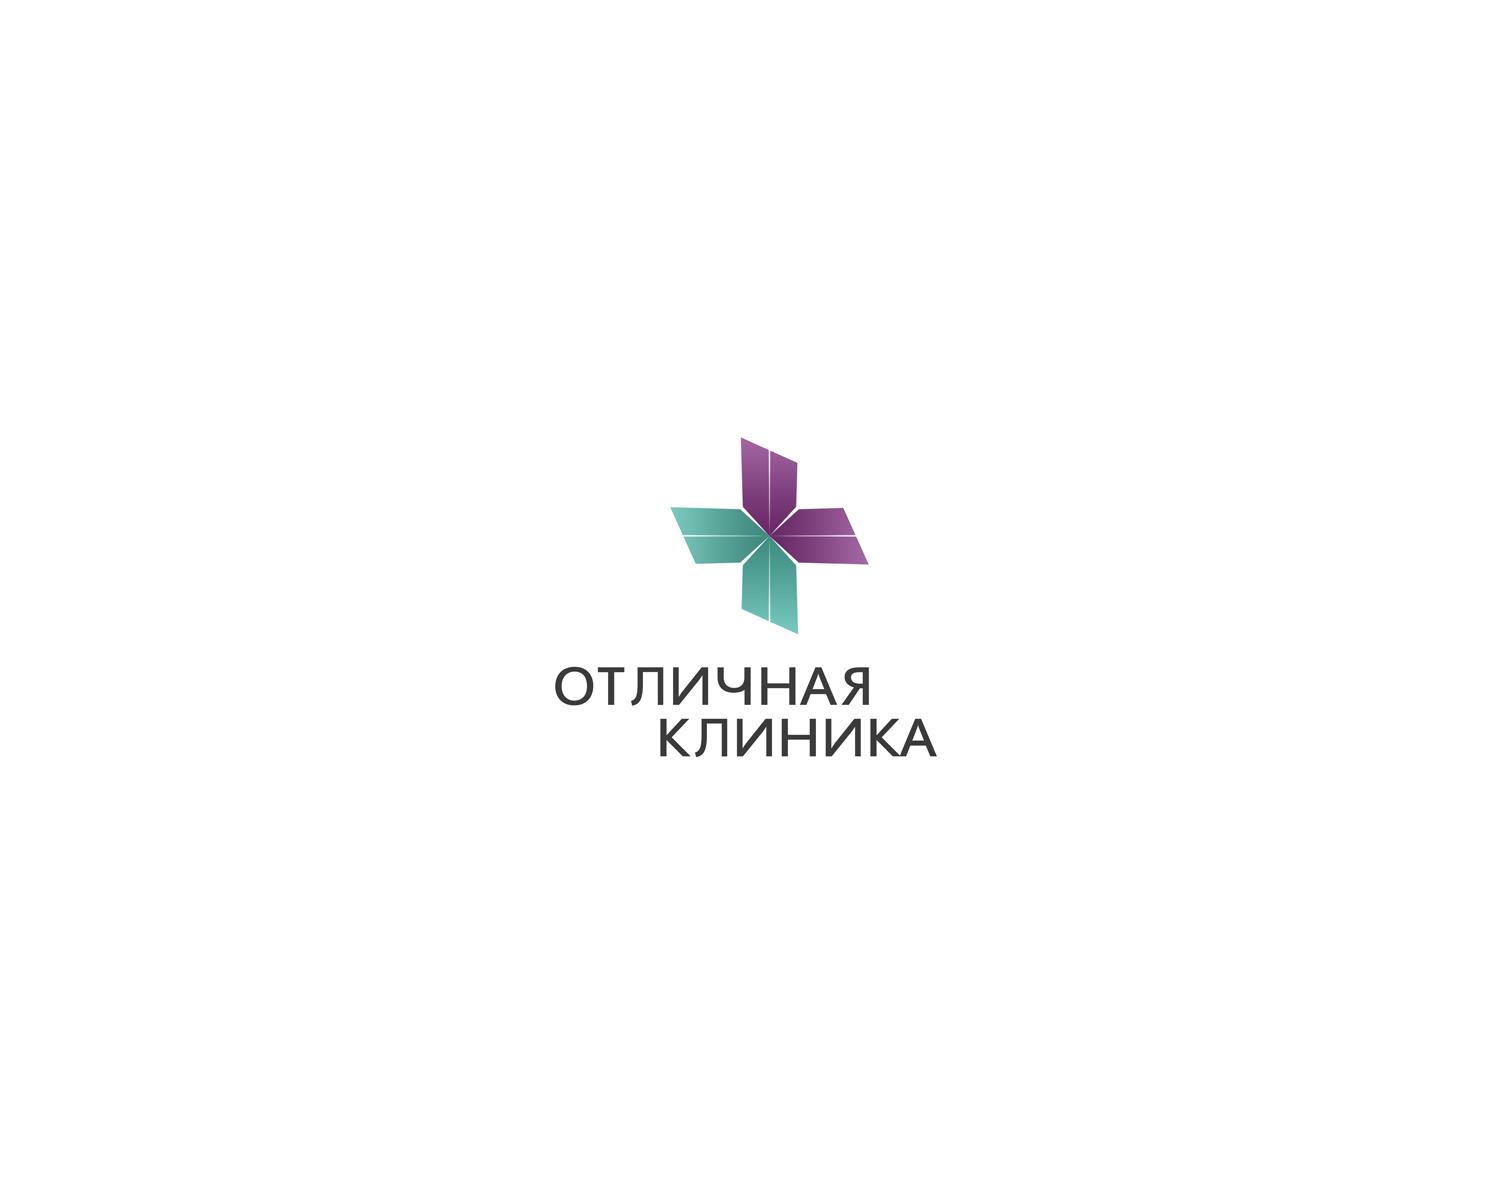 Логотип и фирменный стиль частной клиники фото f_4365c93ad11c5aaf.jpg